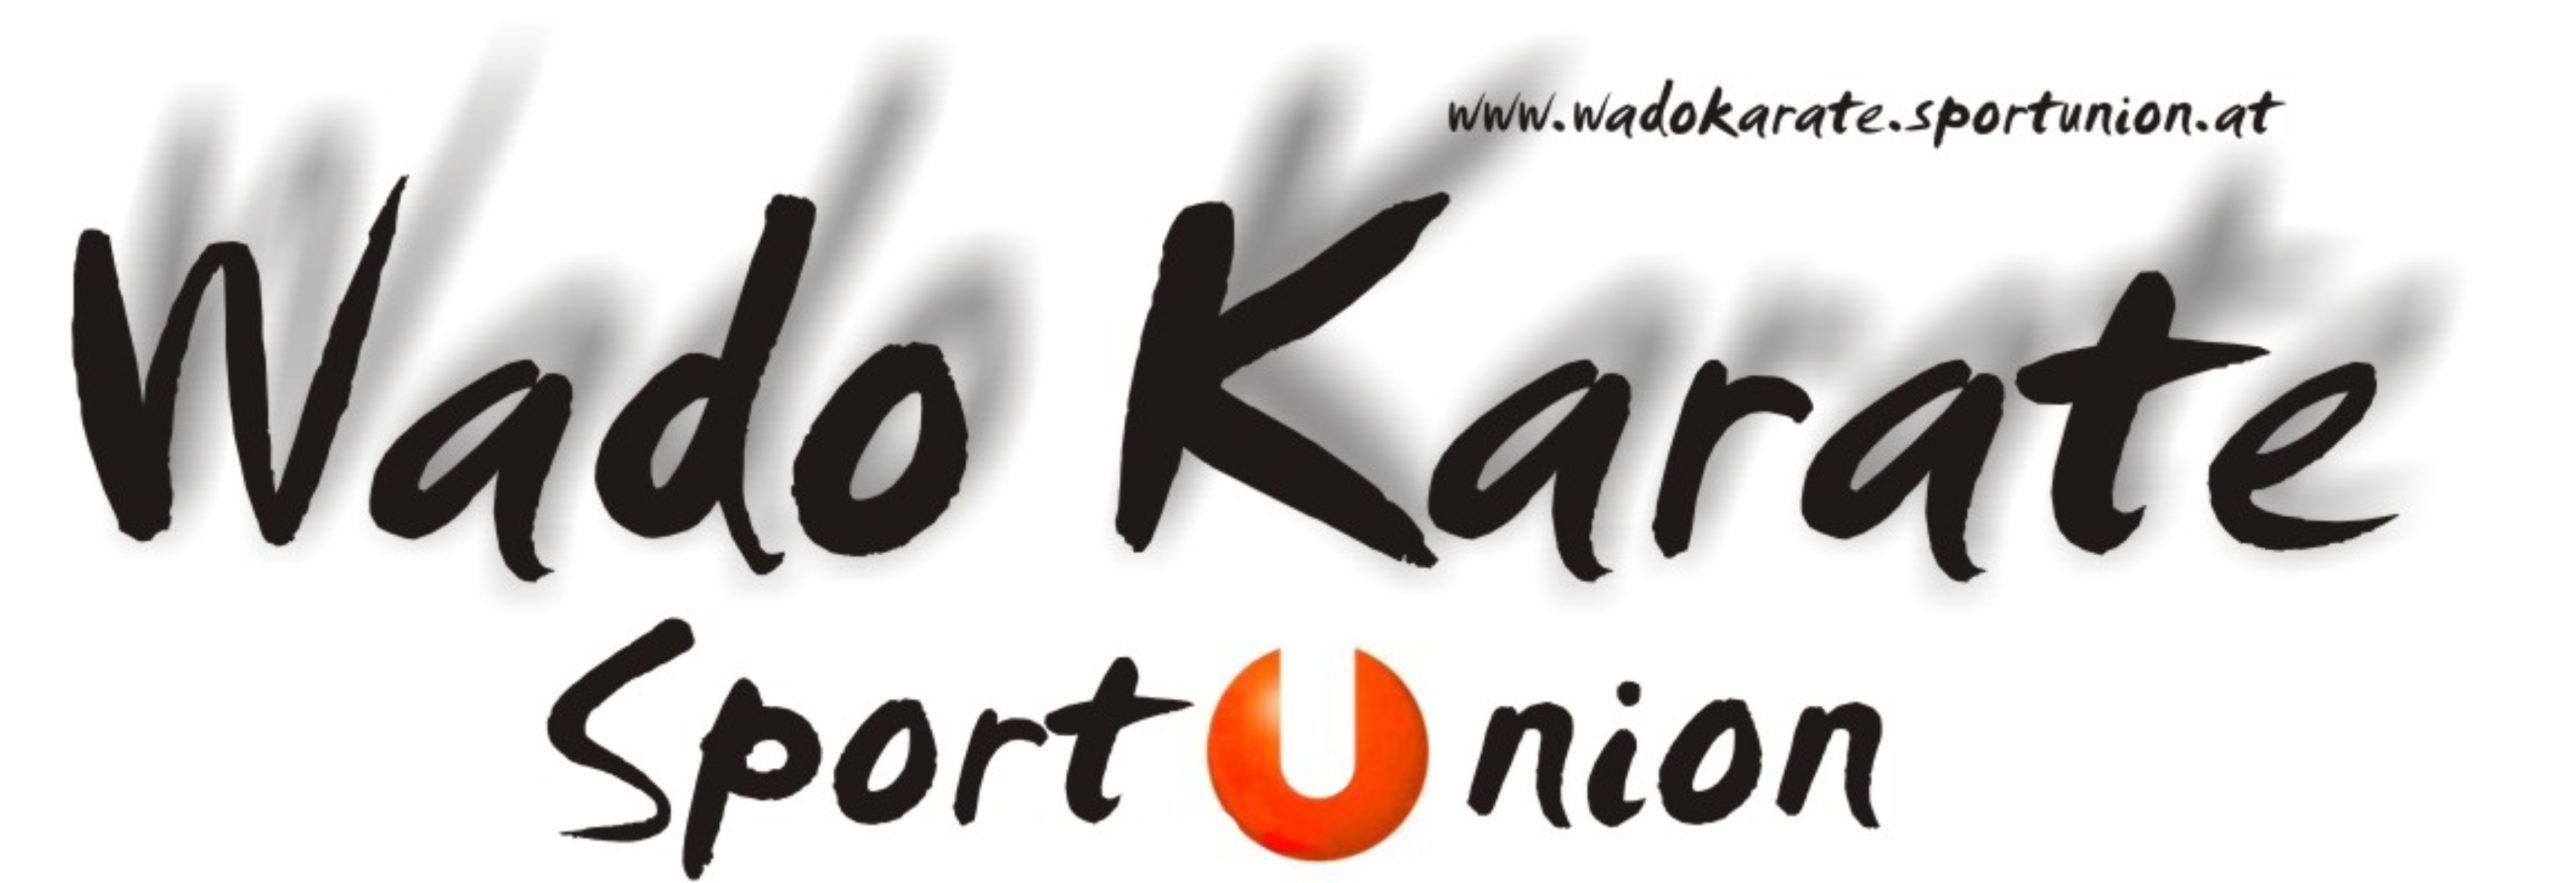 Wado Karate Sportunion